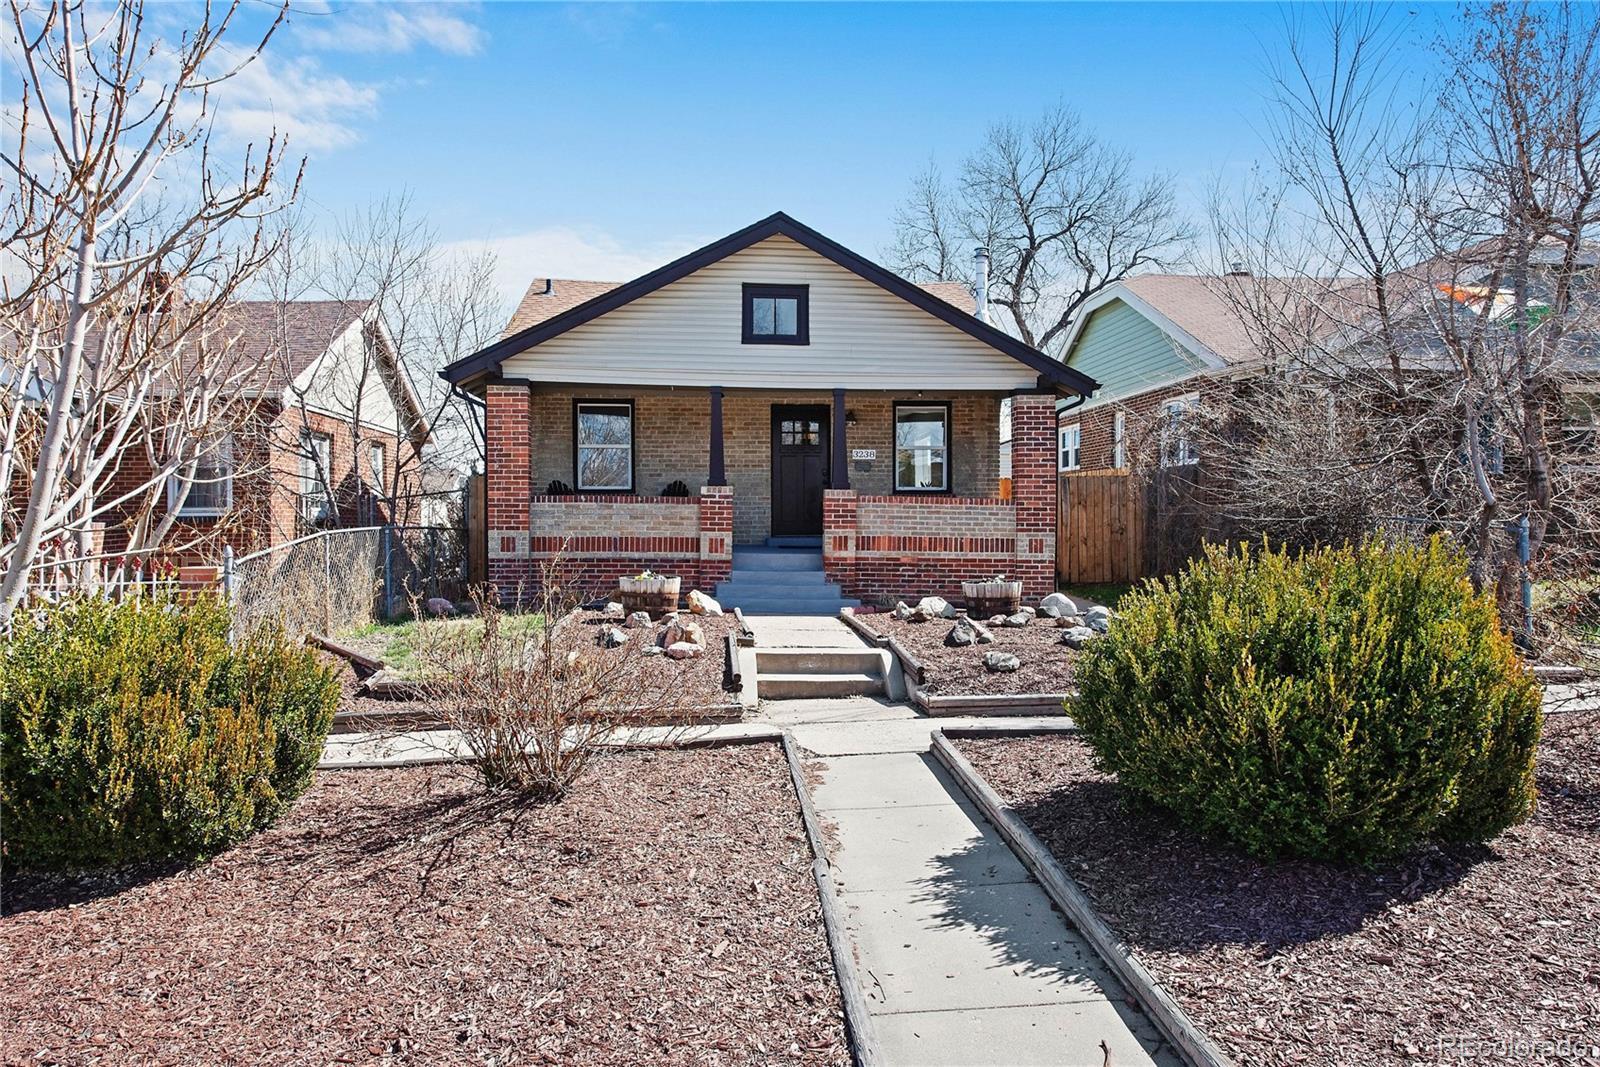 MLS# 6065786 - 1 - 3238 N Clayton Street, Denver, CO 80205